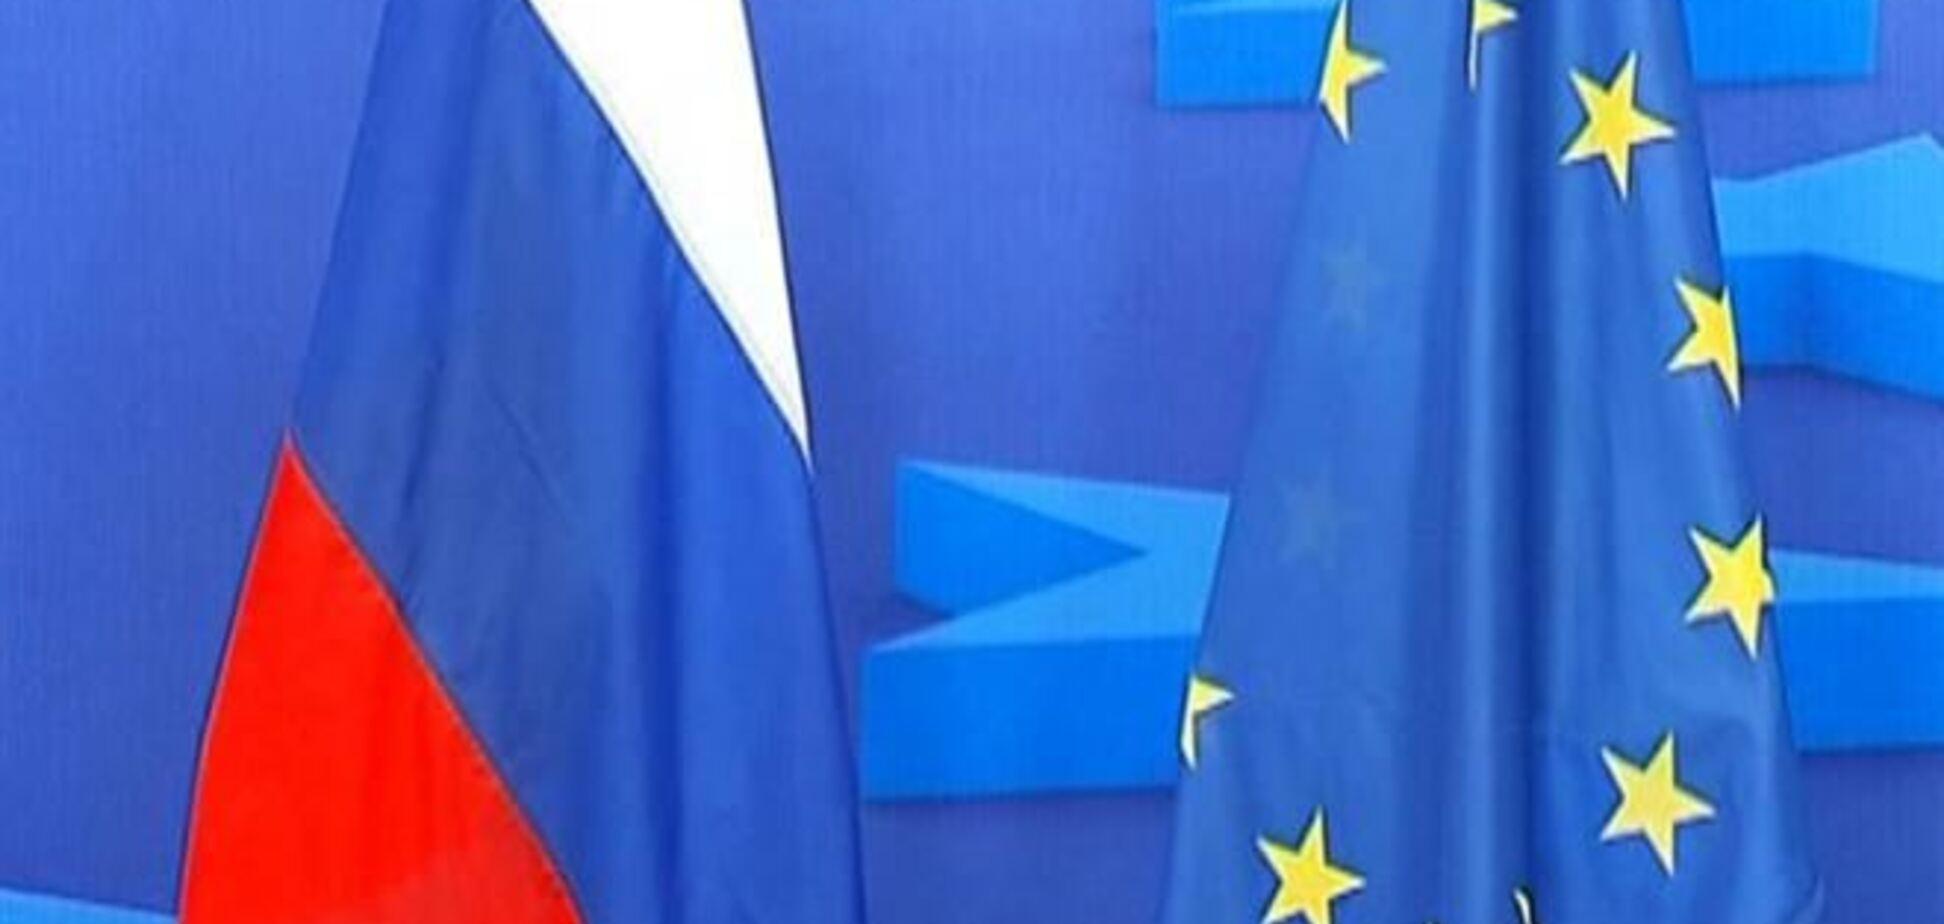 ЕС пока не блокирует дипломатические связи с Россией